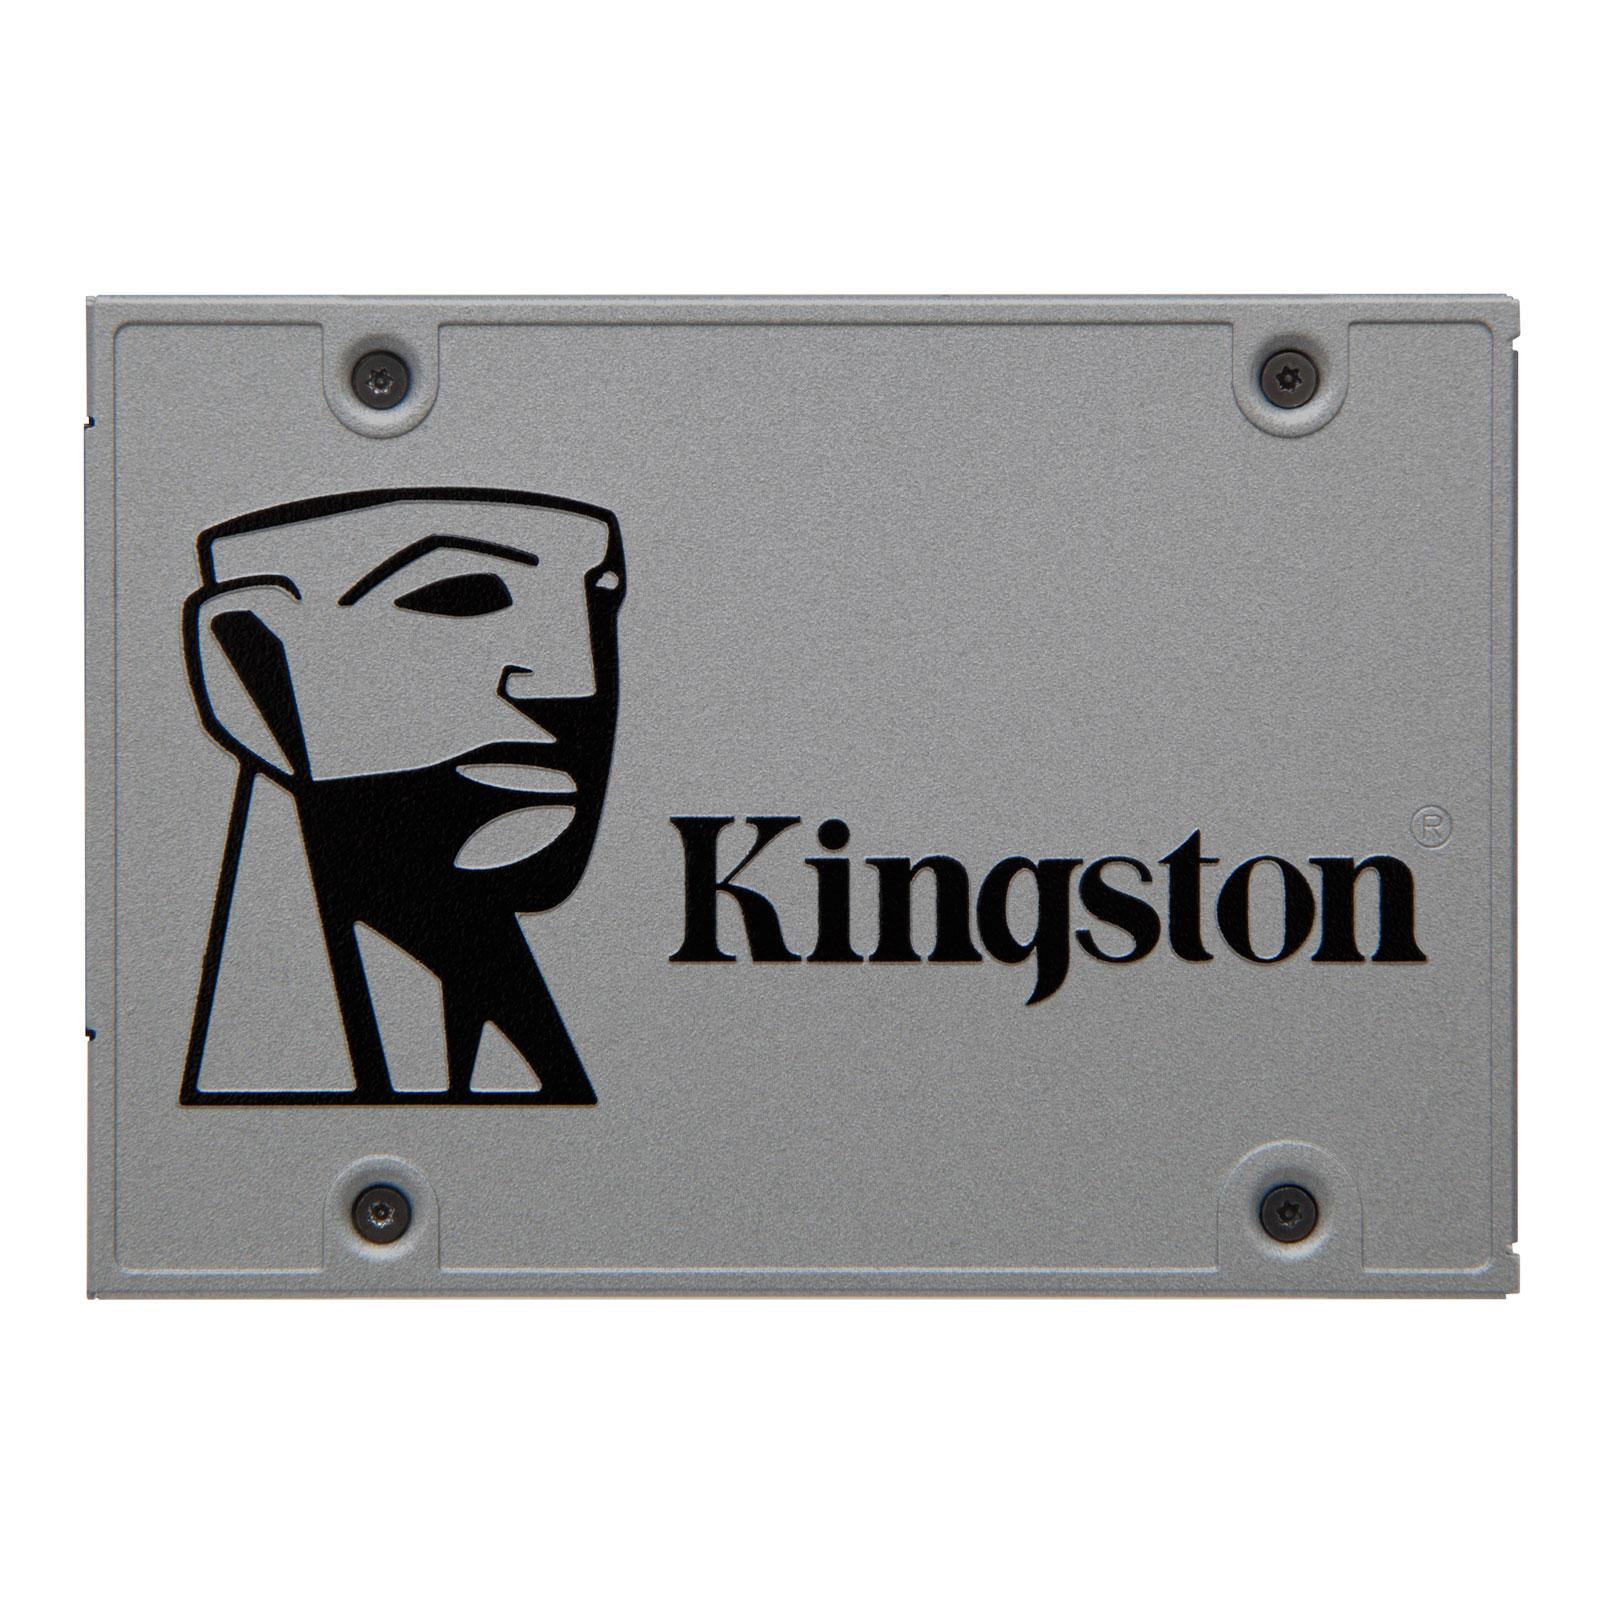 Kingston UV500 120-128Go - Disque SSD Kingston - Cybertek.fr - 2